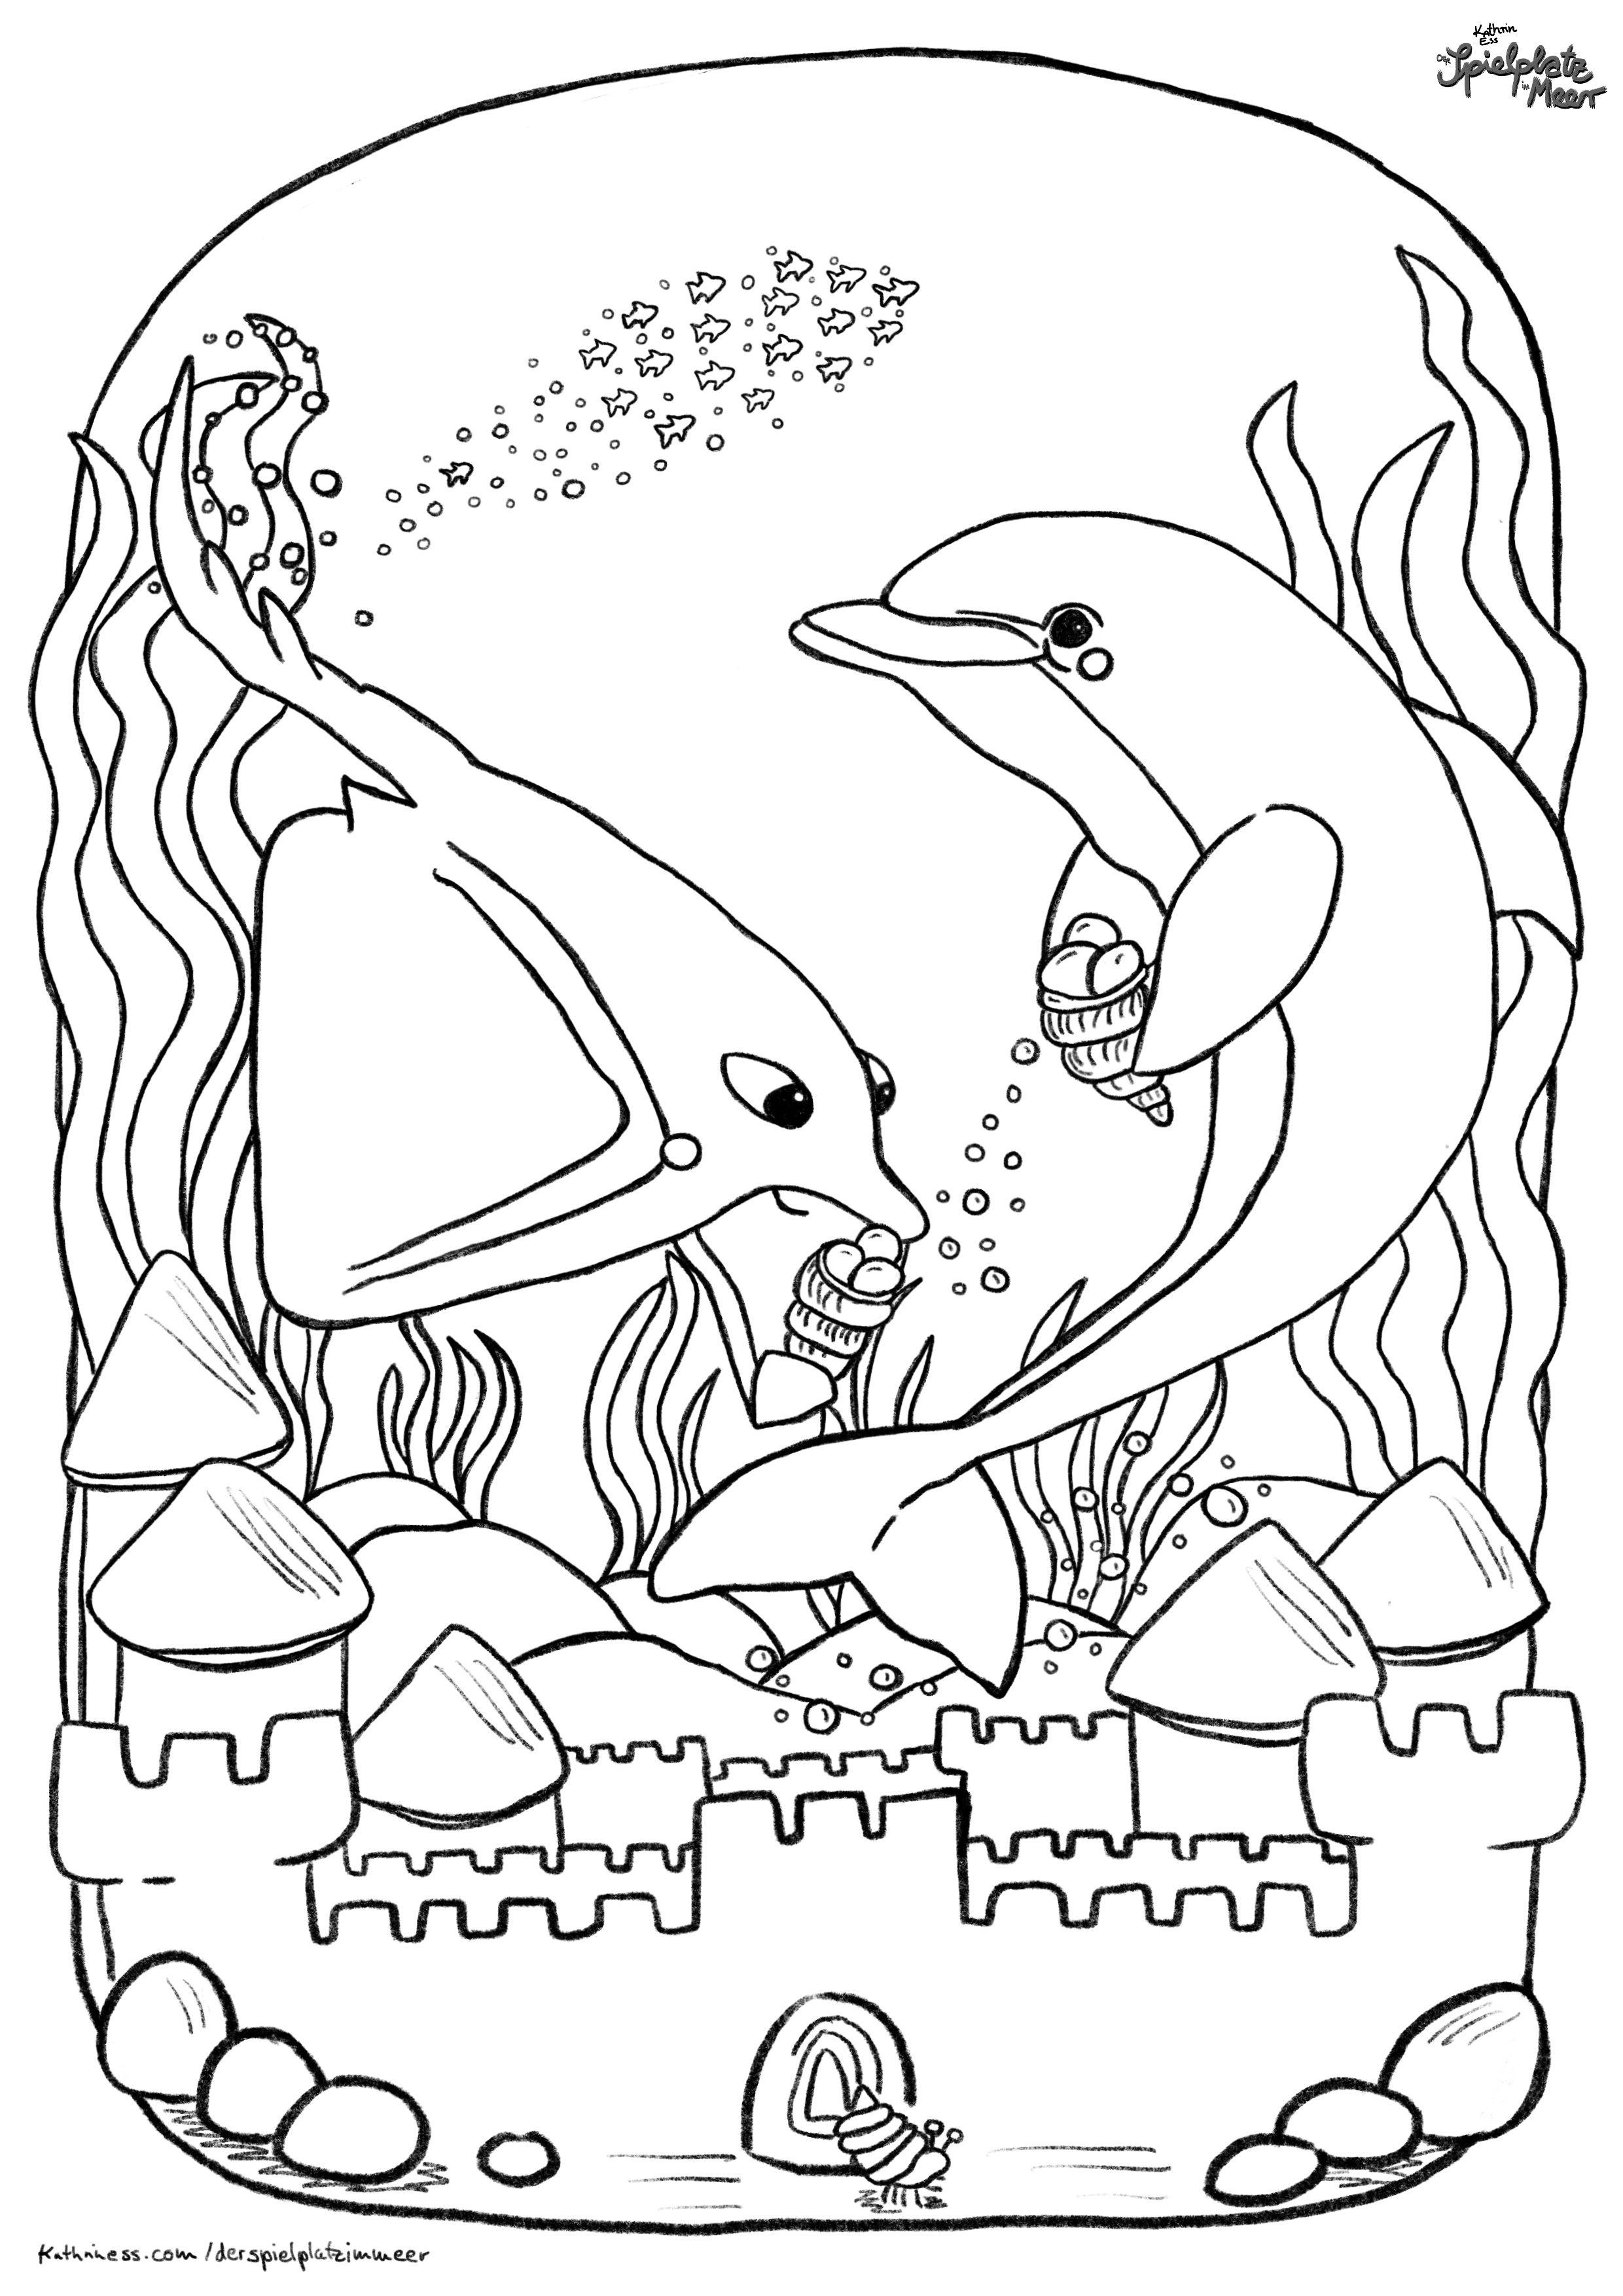 Ausmalbild Rochen Und Delfin Bauen Eine Sandburg Der Spielplatz Im Meer Ausmalbild Kinderbucher Zeichenprogramme